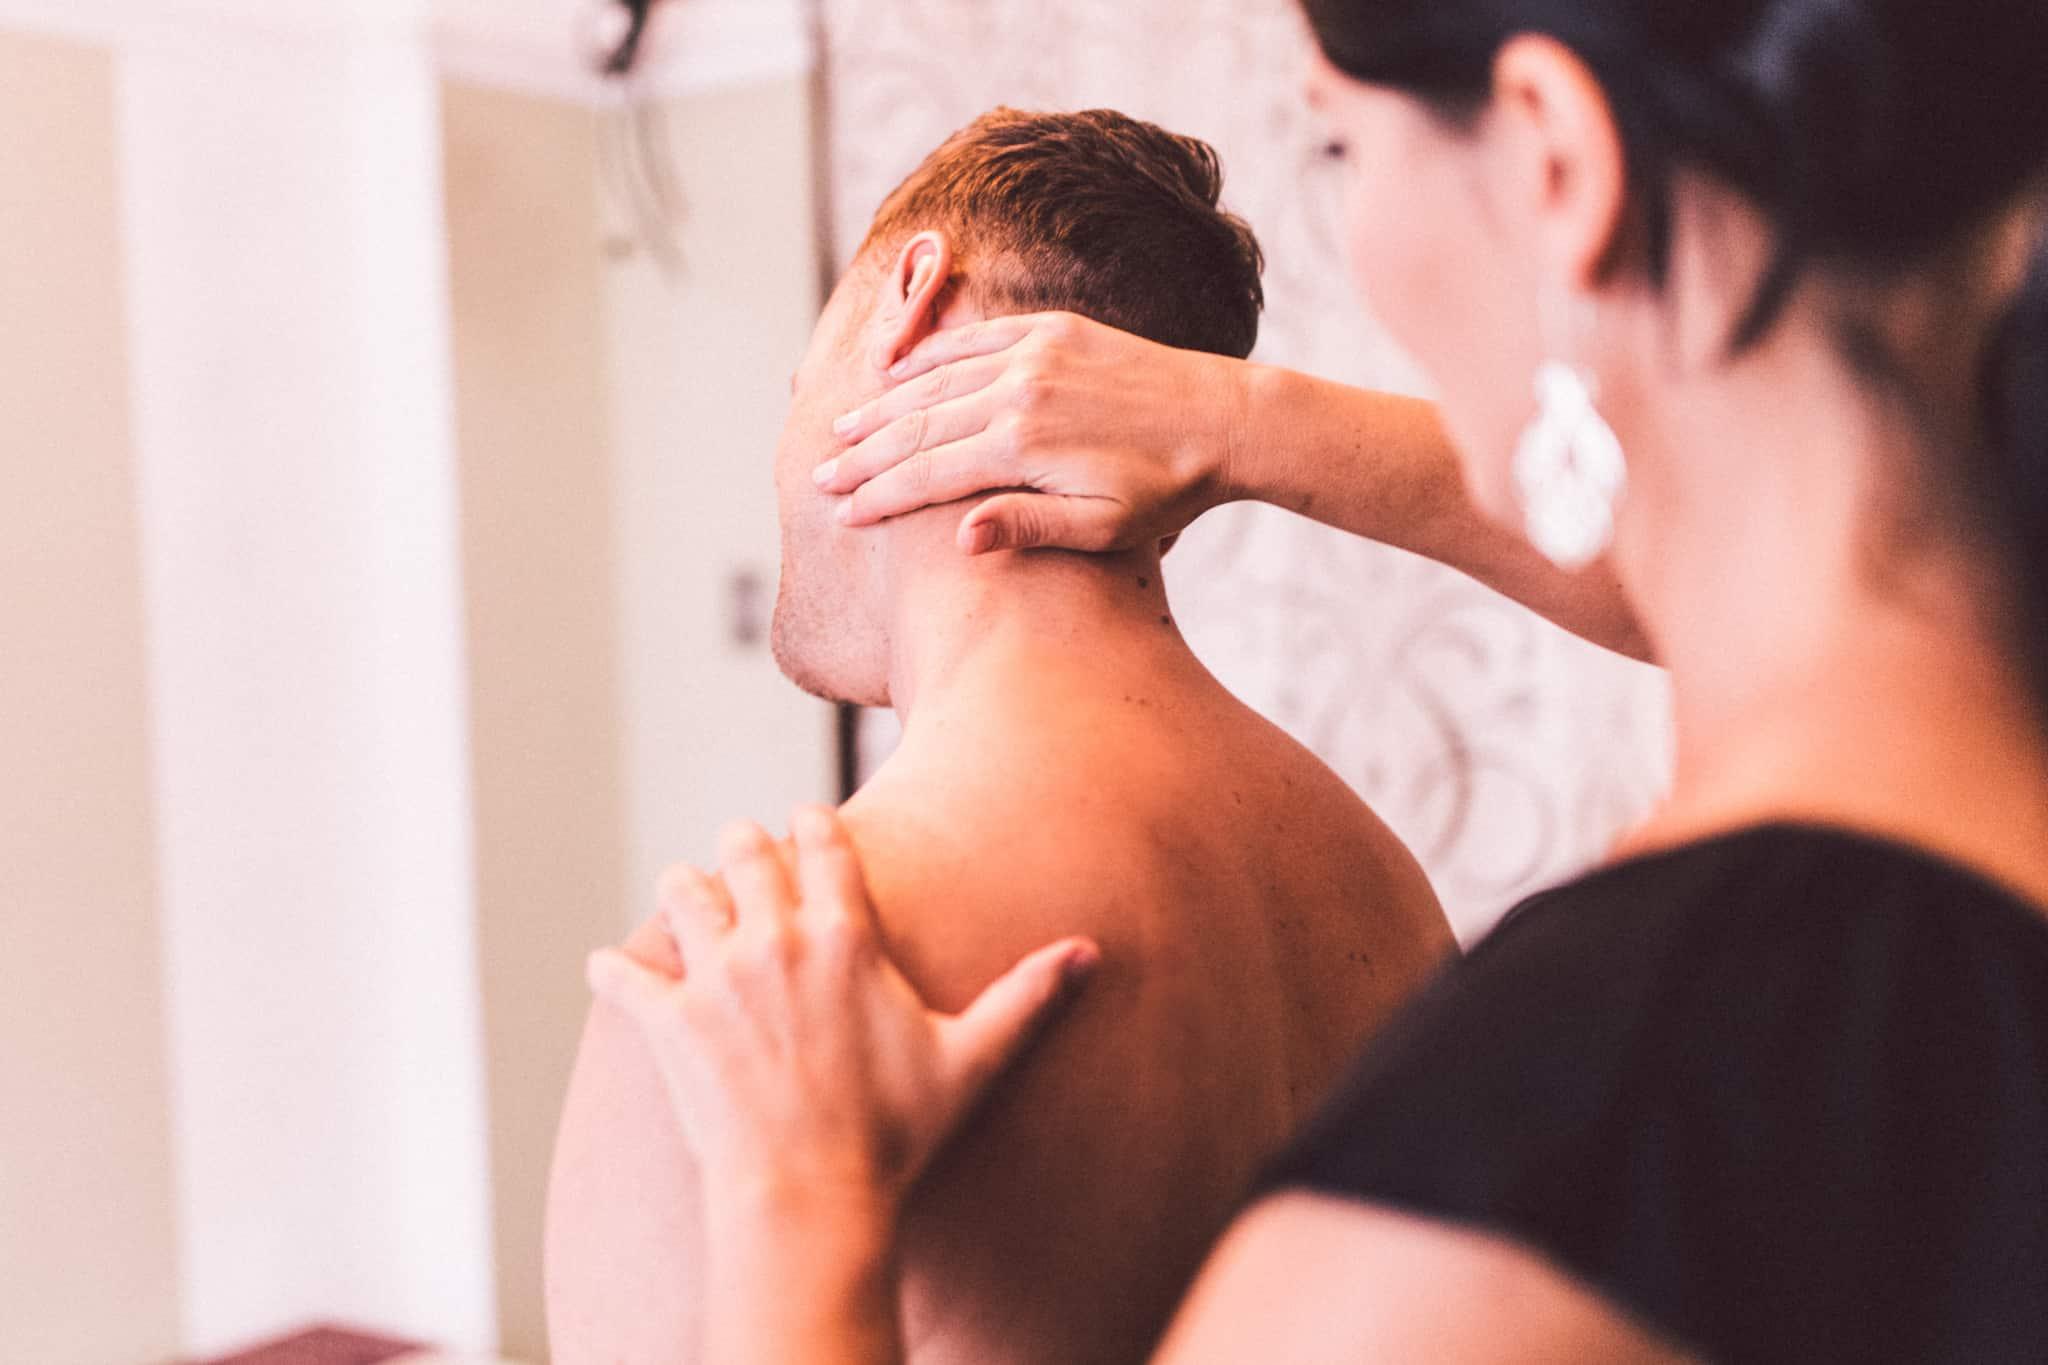 sessão de fisioterapia ao pescoço de um homem